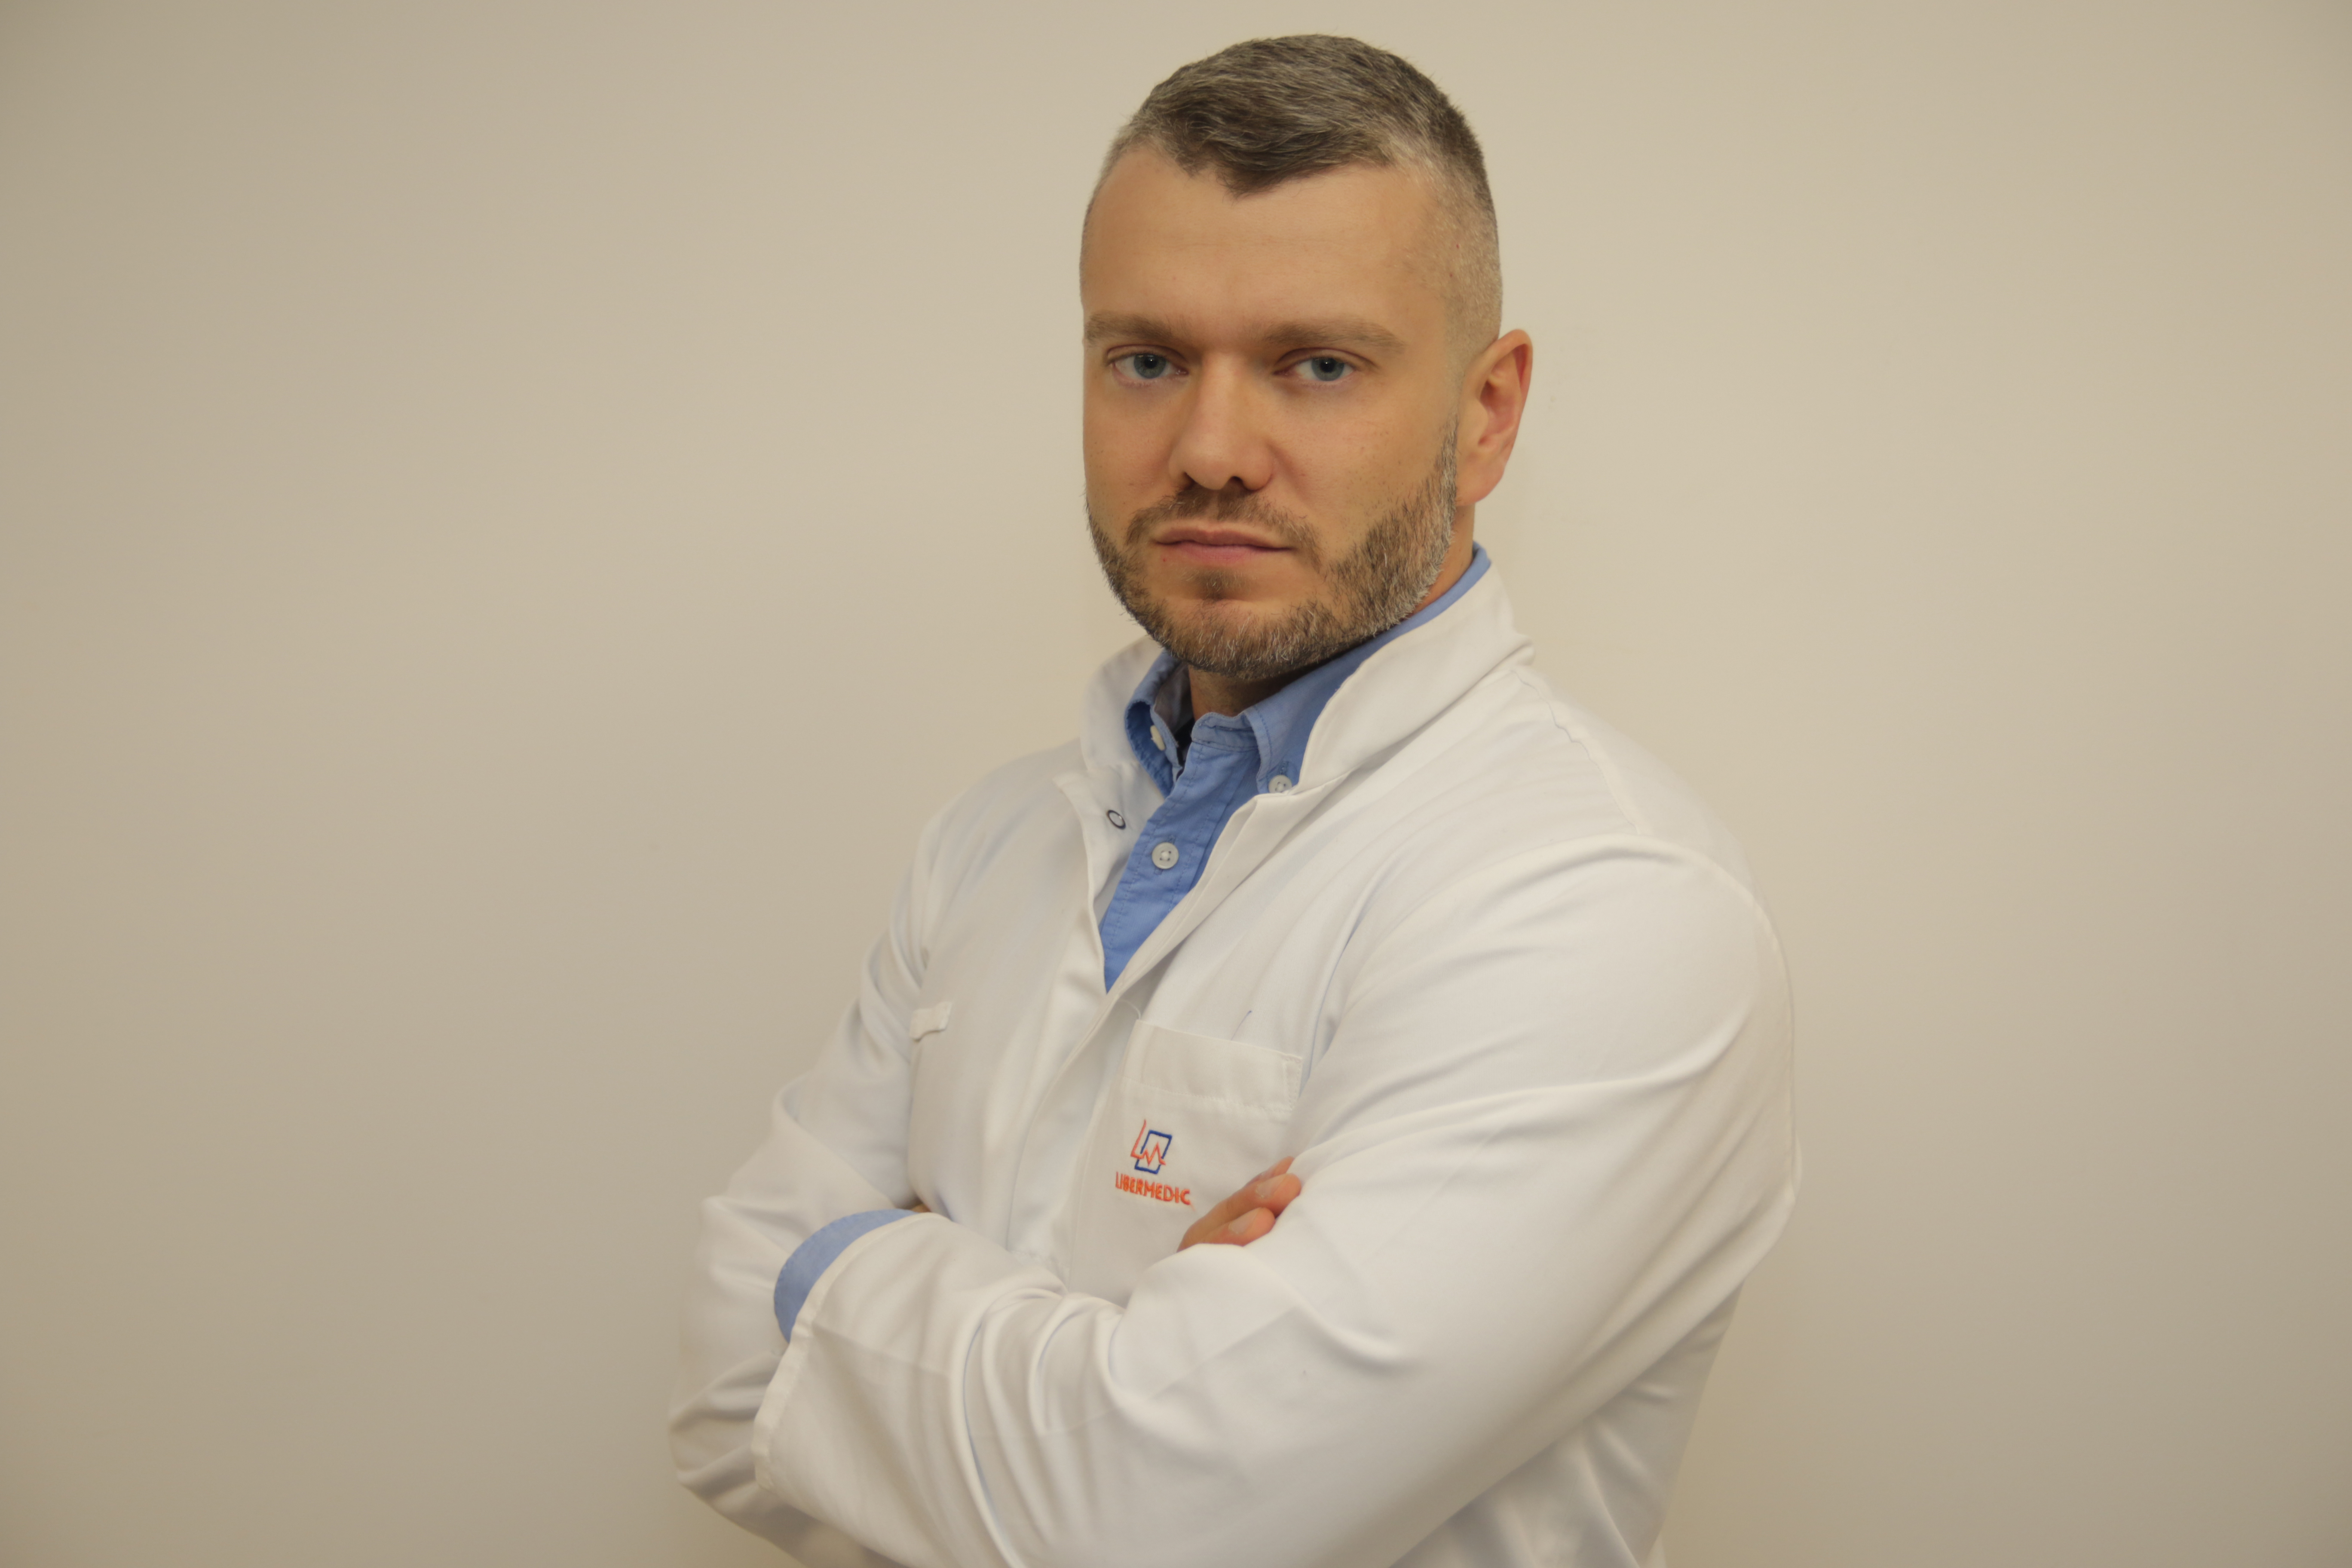 dr n. med. Okulista-chirurg specjalizujący się w laserowej korekcji wzroku (PresbyMax, SmartSurf, PresbyMax SmartSurf). Przeprowadza badania kwalifikacyjne do zabiegów laserowych oraz RLE. Jako jeden z pierwszych w Polsce wykonał operację RLE z Systemem Synergy.